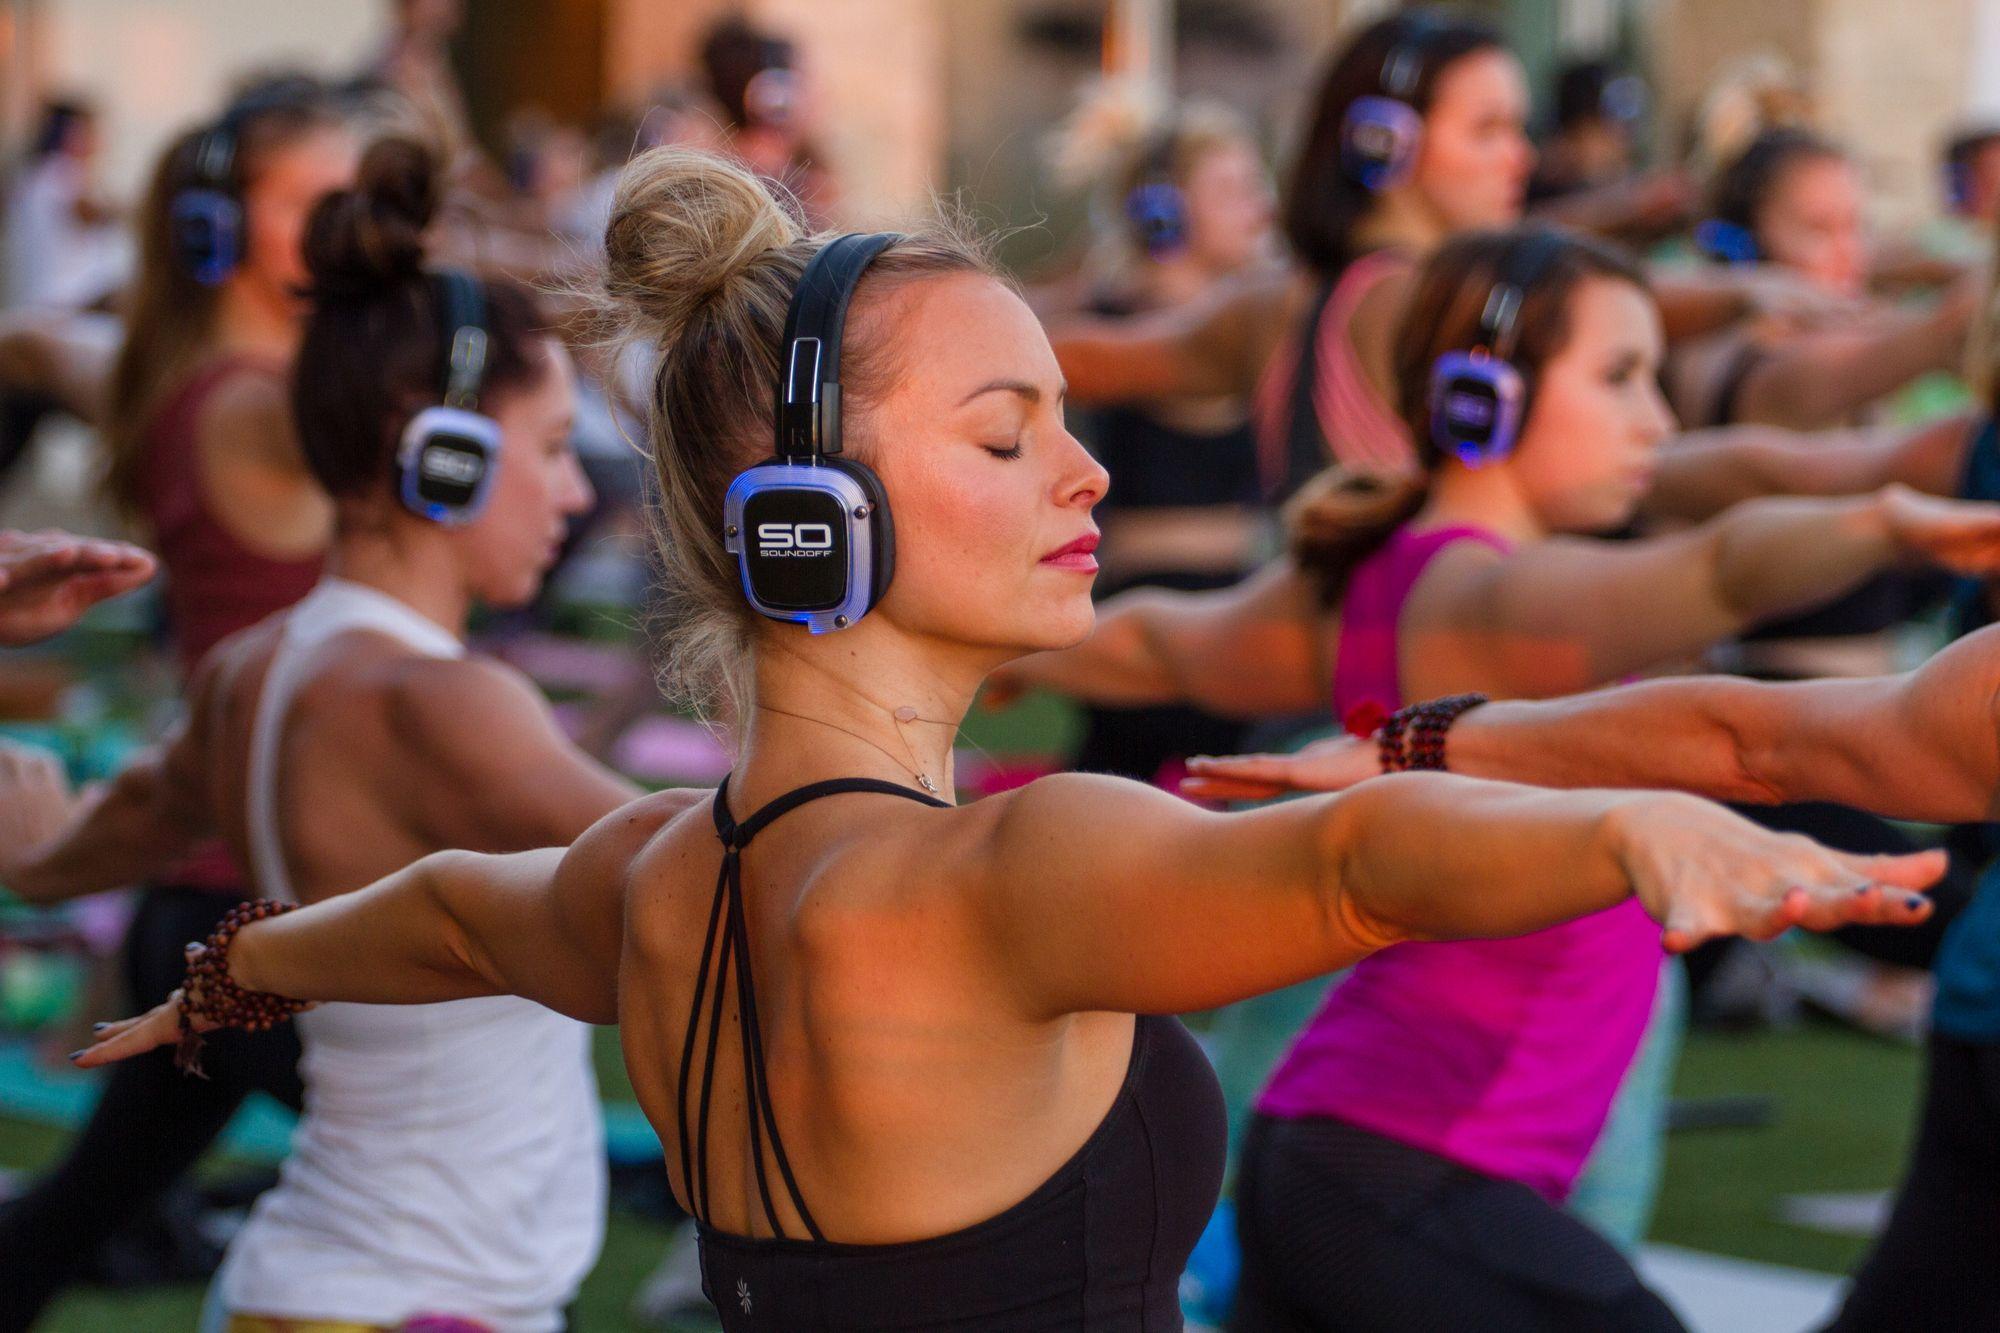 Bacara Resort Yoga Social